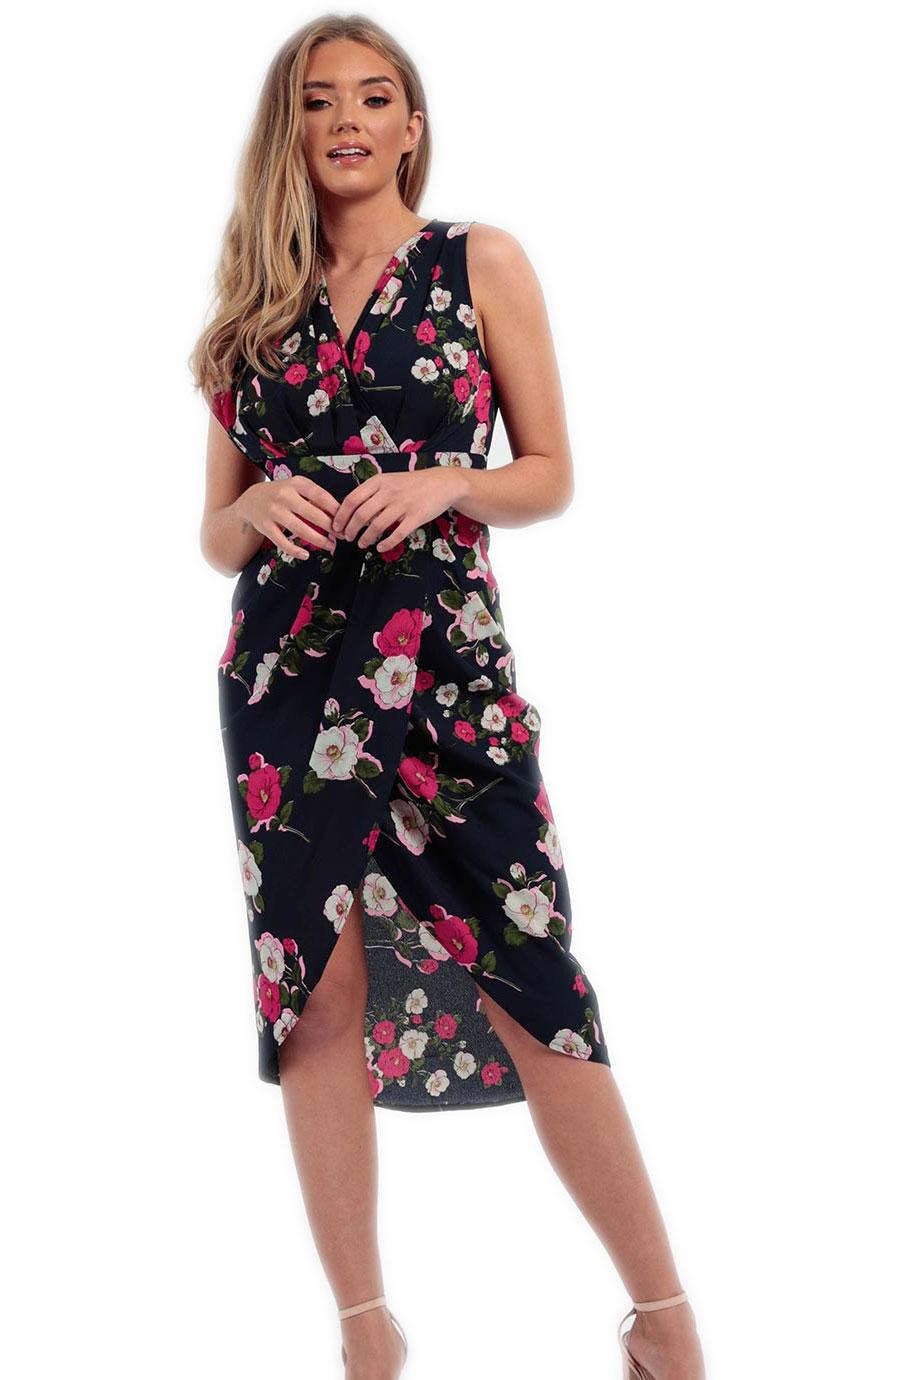 52177c49ca14 LIKEASTAR Μίντι κρουαζέ φόρεμα - Glami.gr